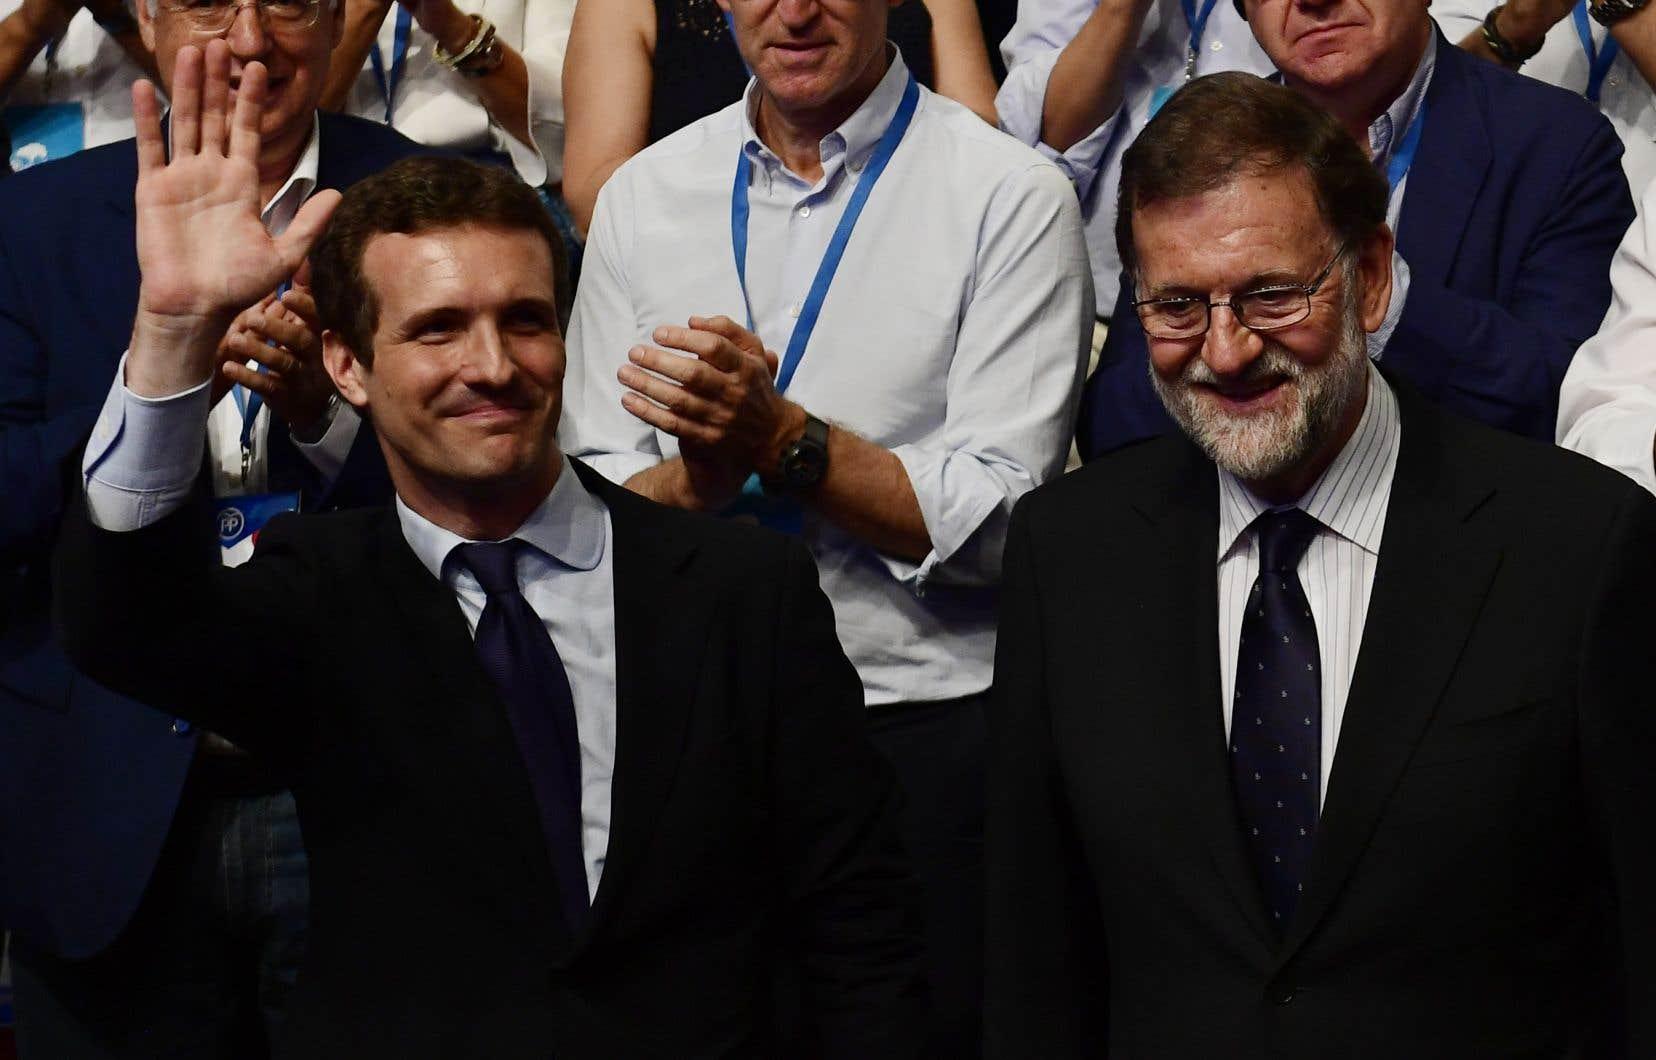 Le député Pablo Casado et son prédécesseur, Mariano Rajoy, samedi à Madrid